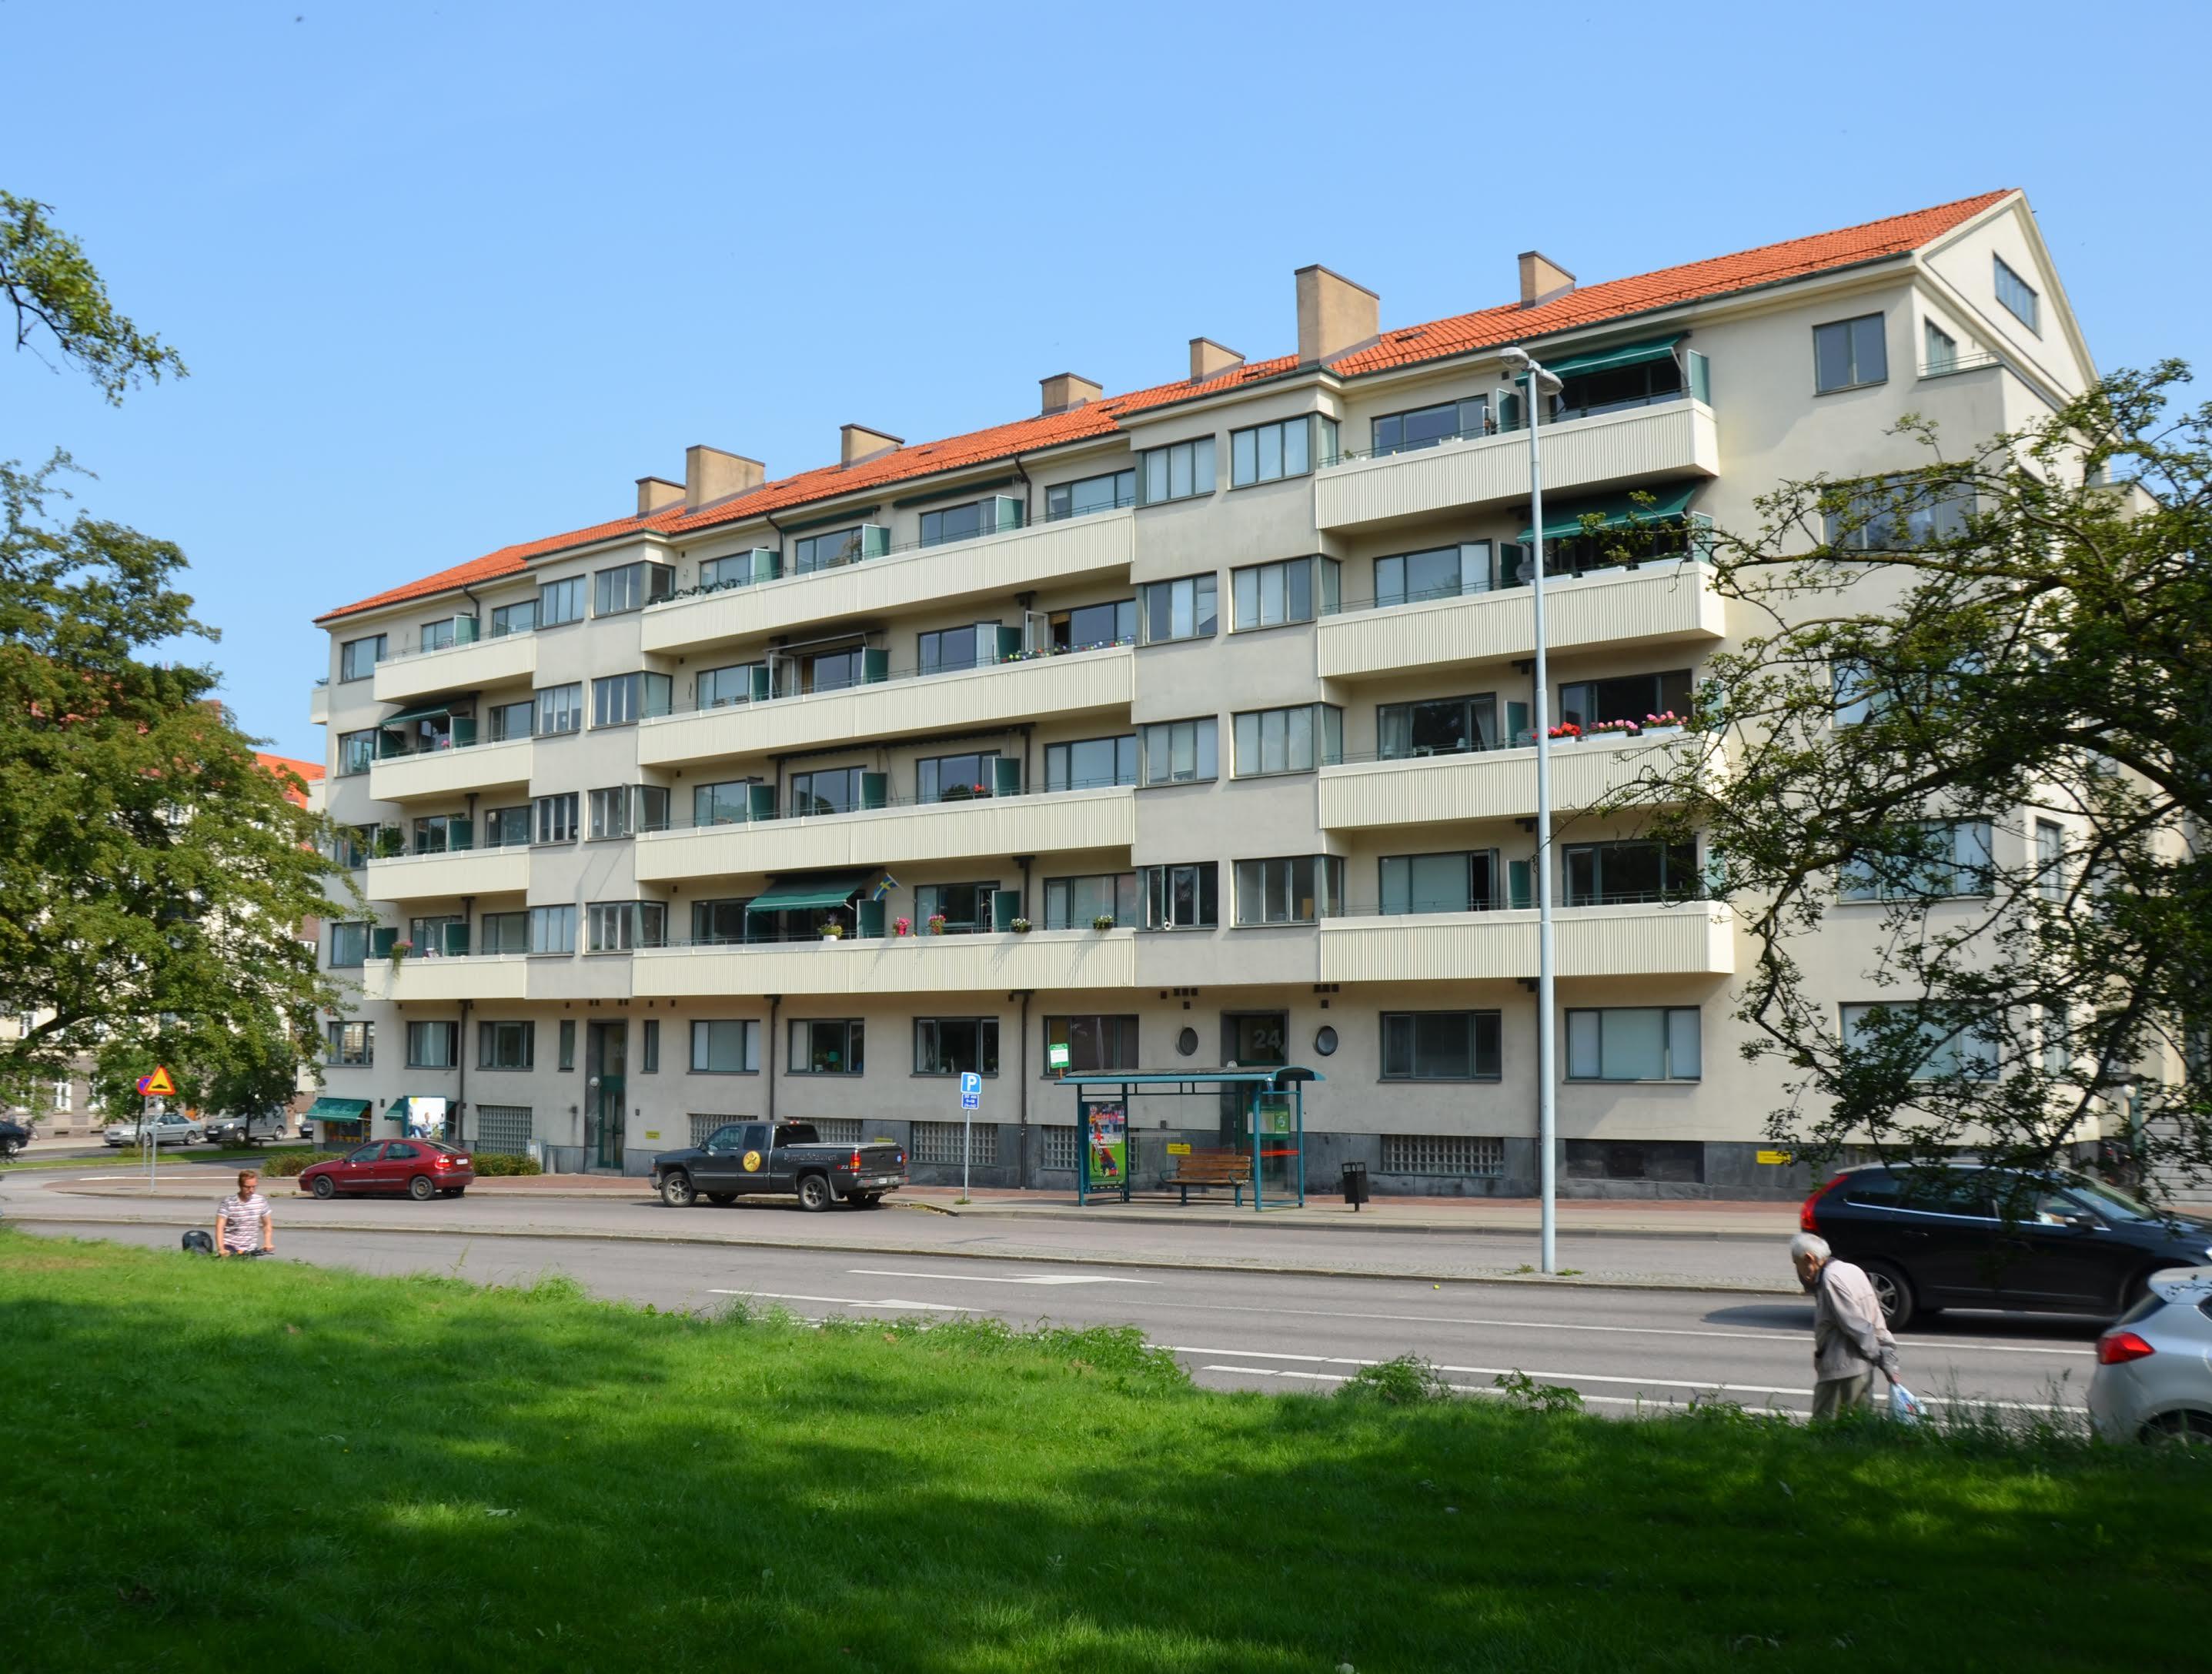 Kopparmöllegatan 24 & 26 Tågaborg